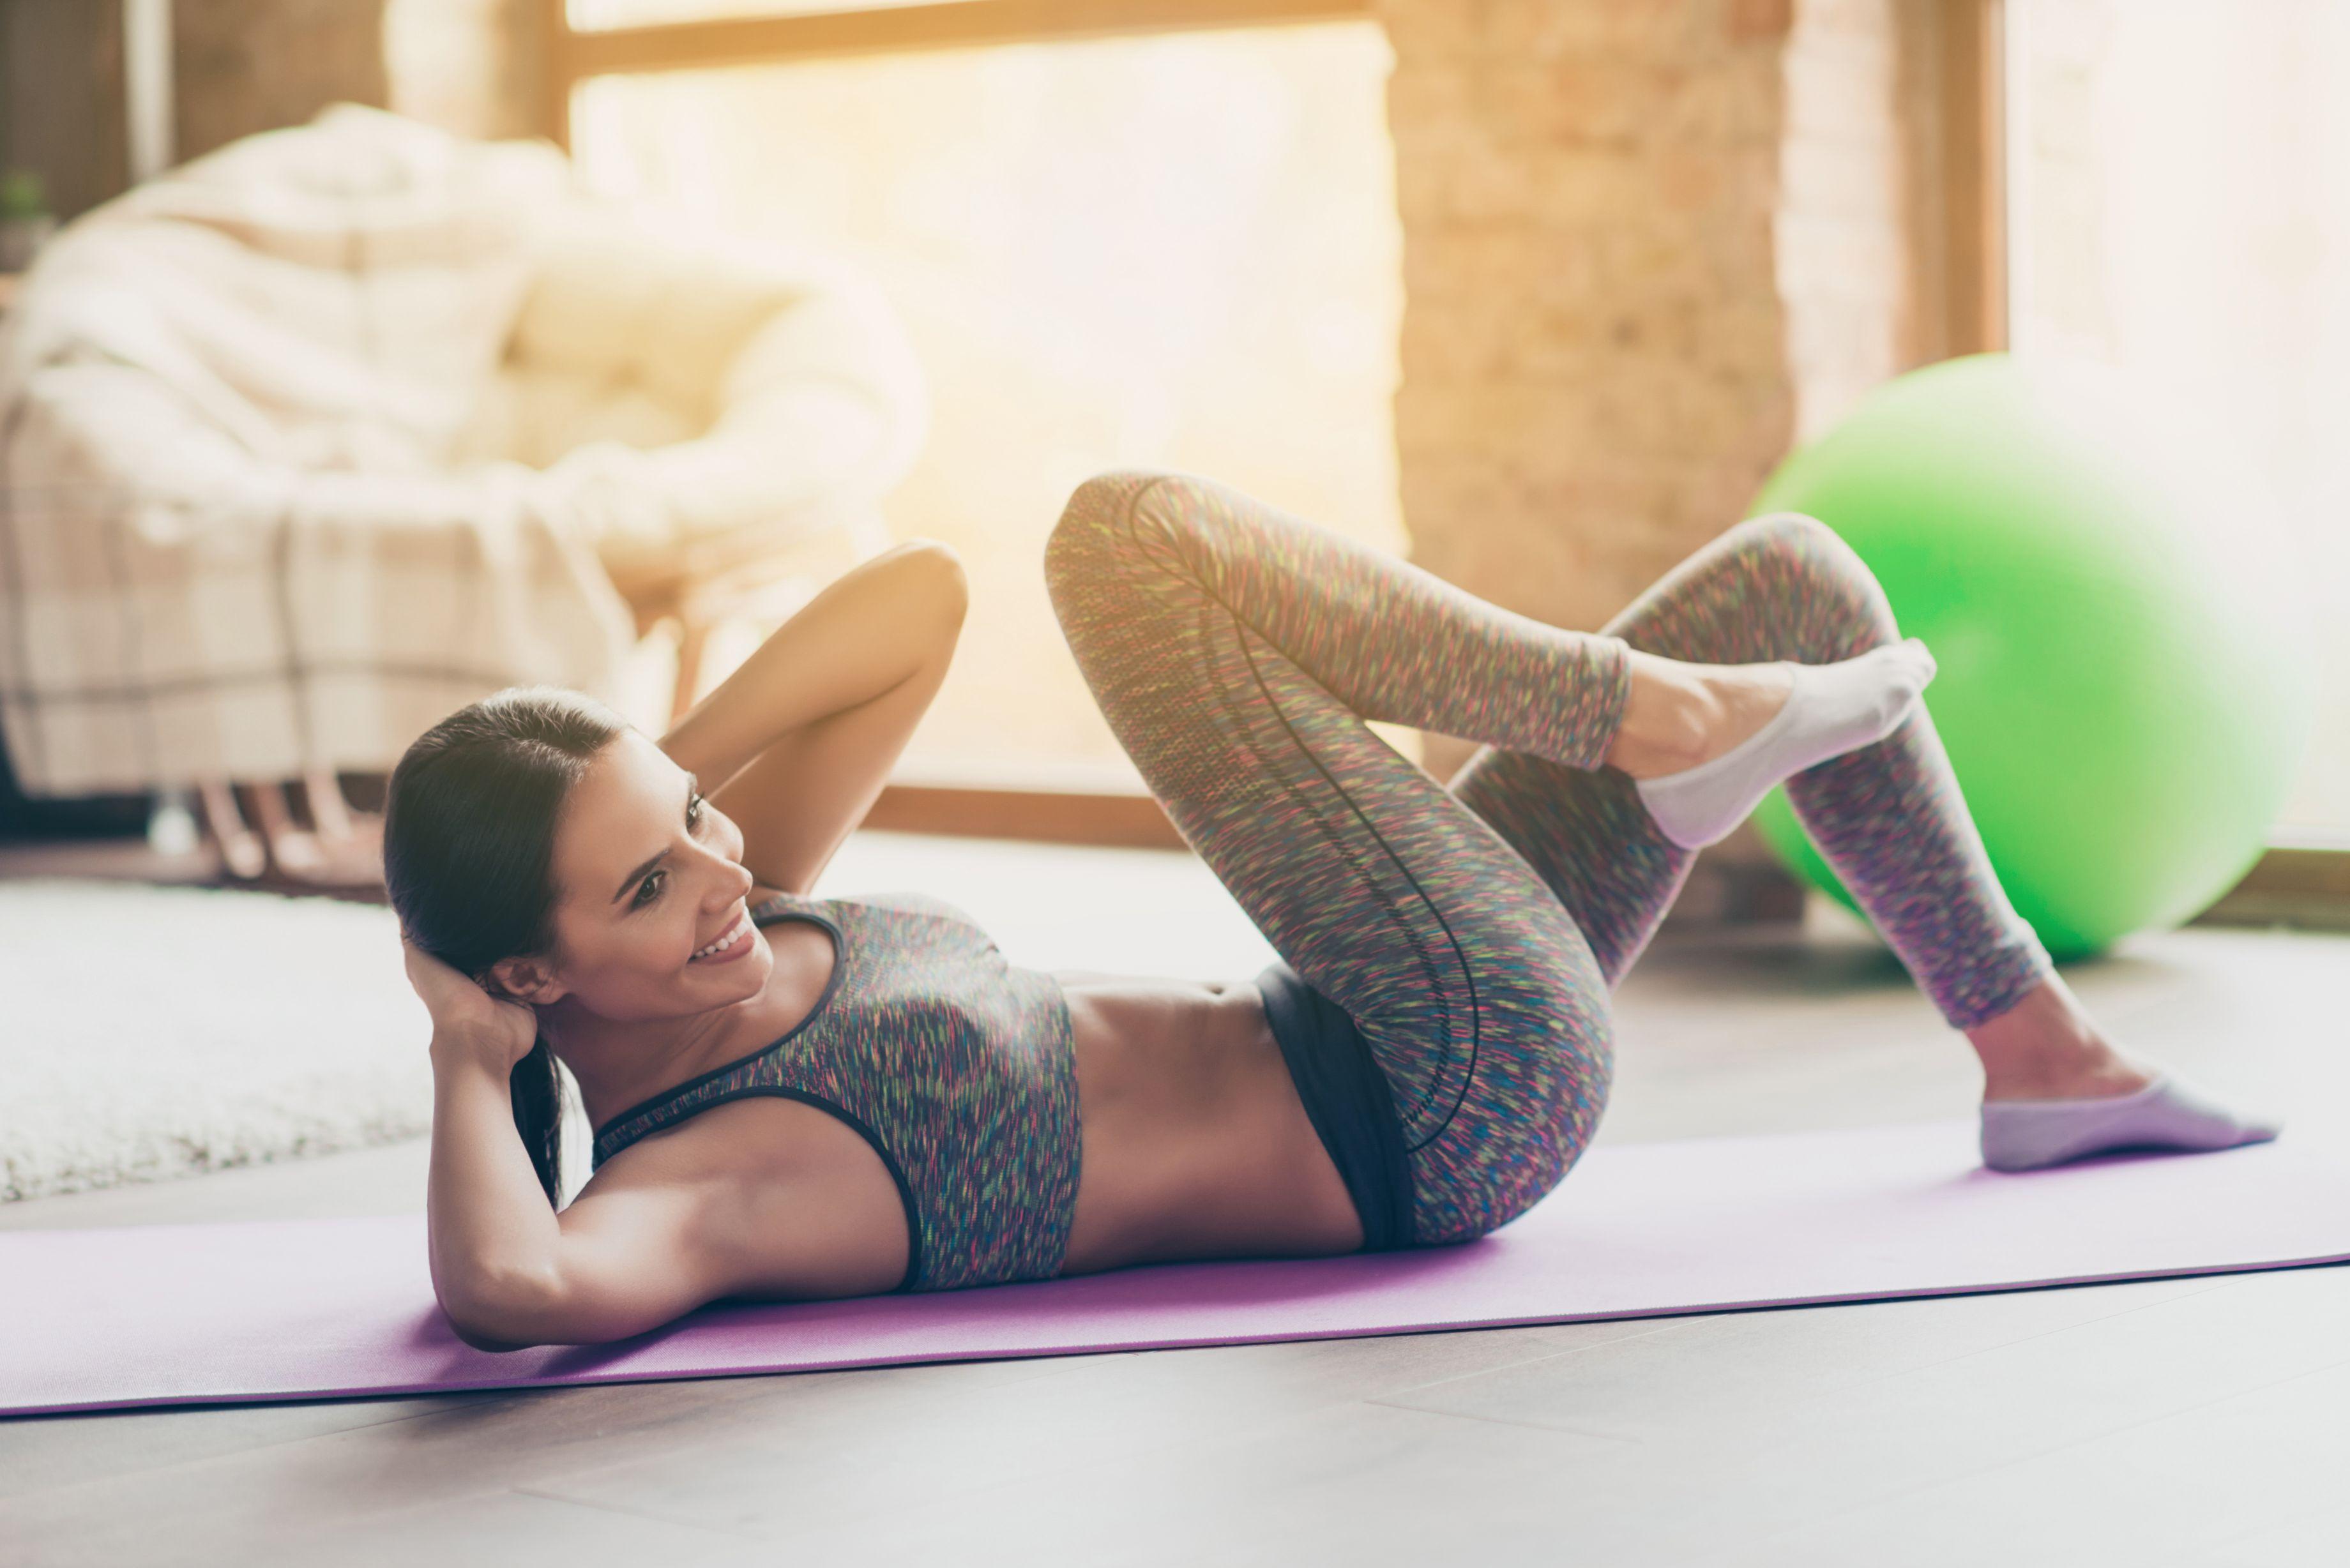 ダイエットに最適な筋トレと有酸素運動のメニュー